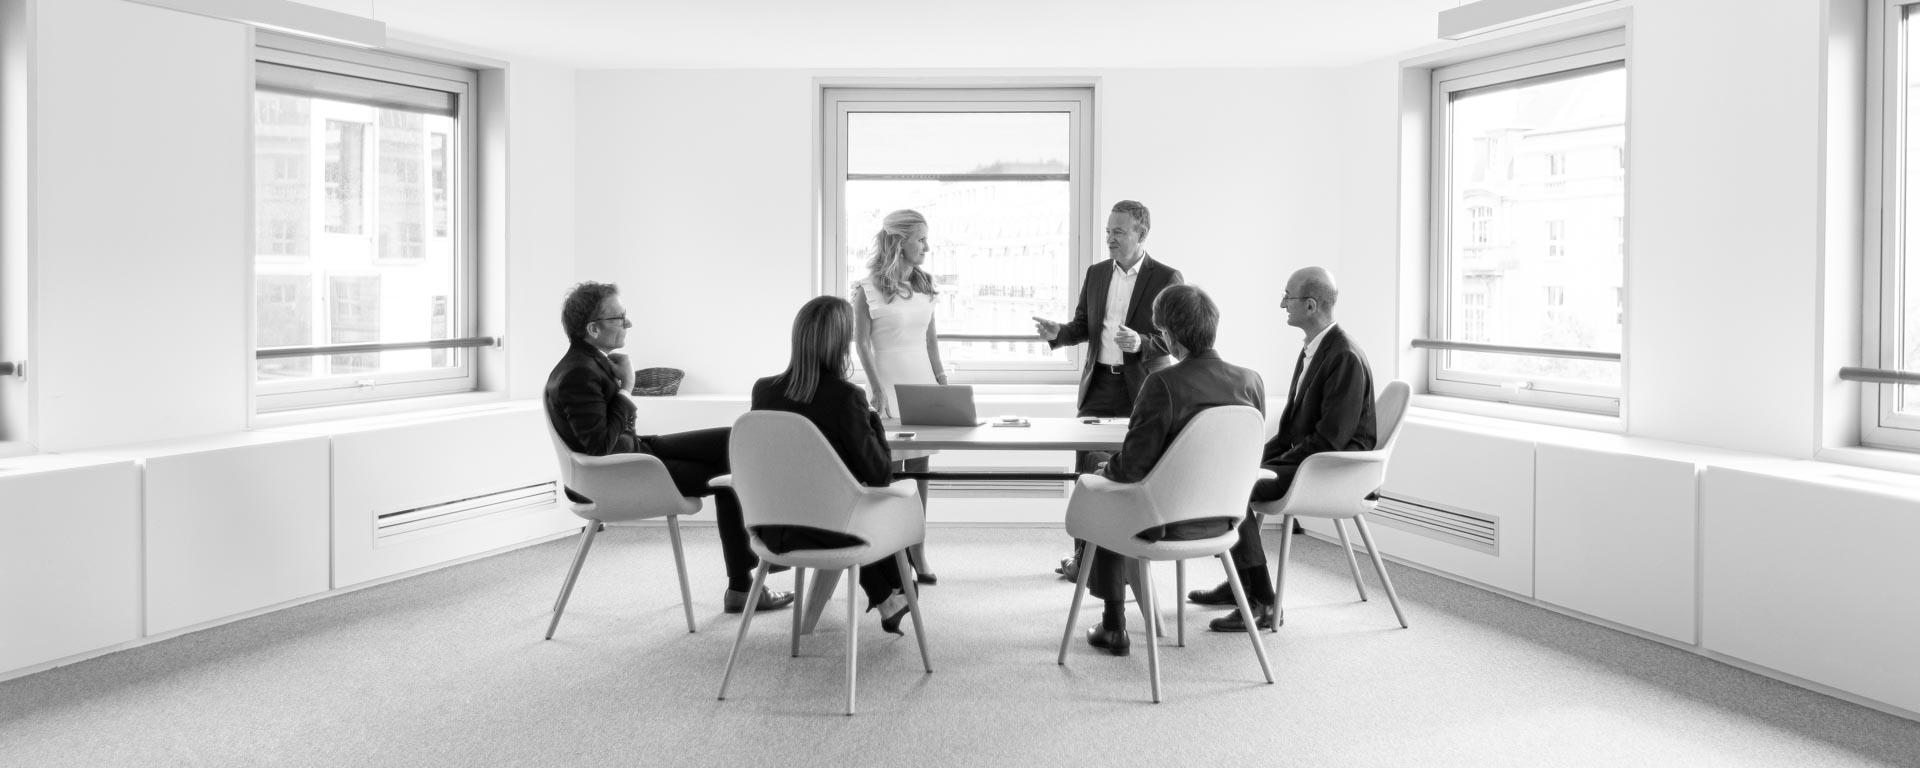 Photographe réunion d'entreprise